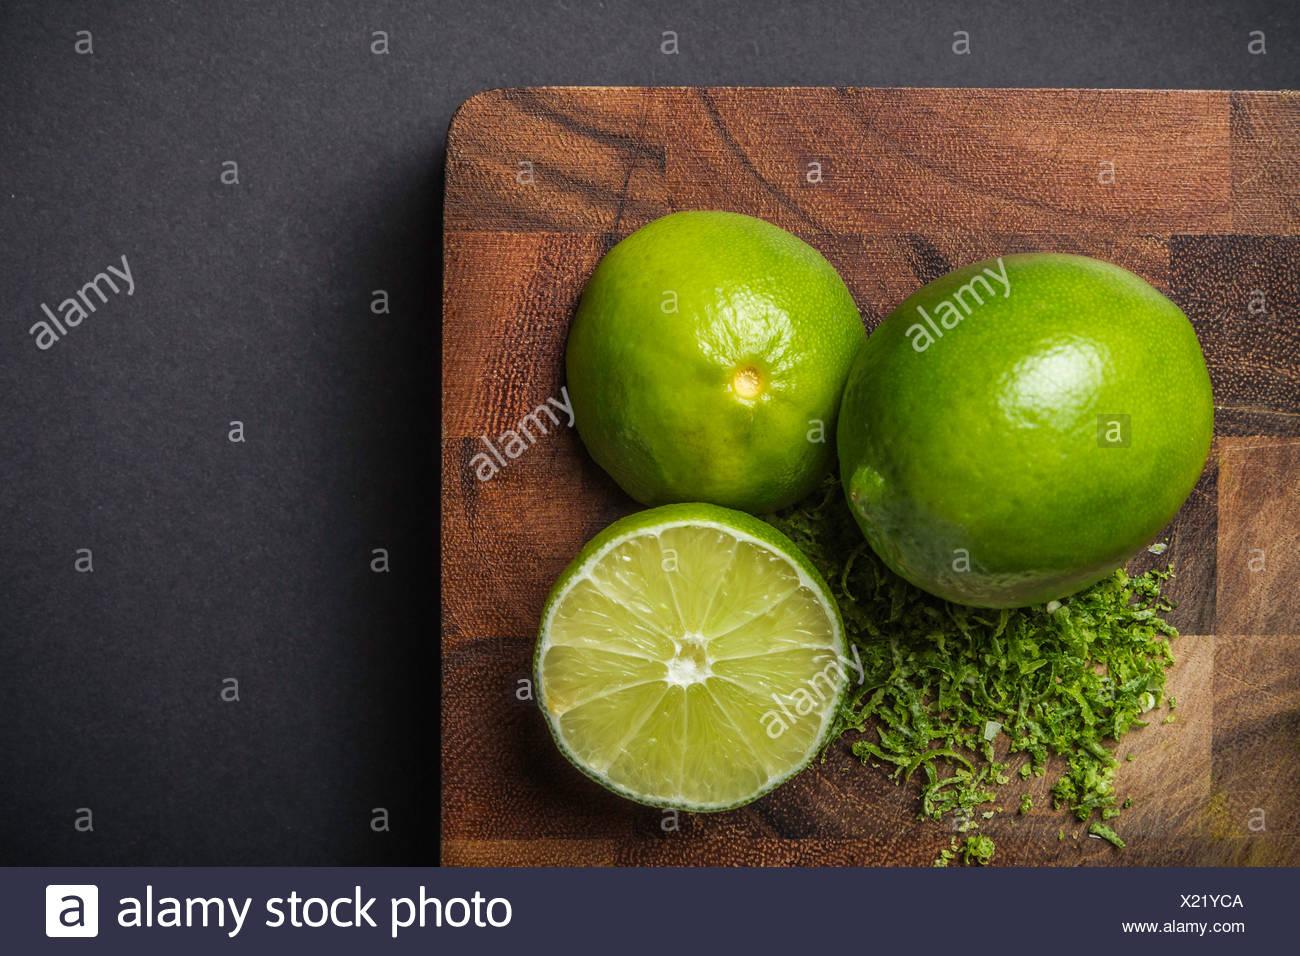 Ingrédient pour la fabrication de pâte de curry vert - vert lime Photo Stock